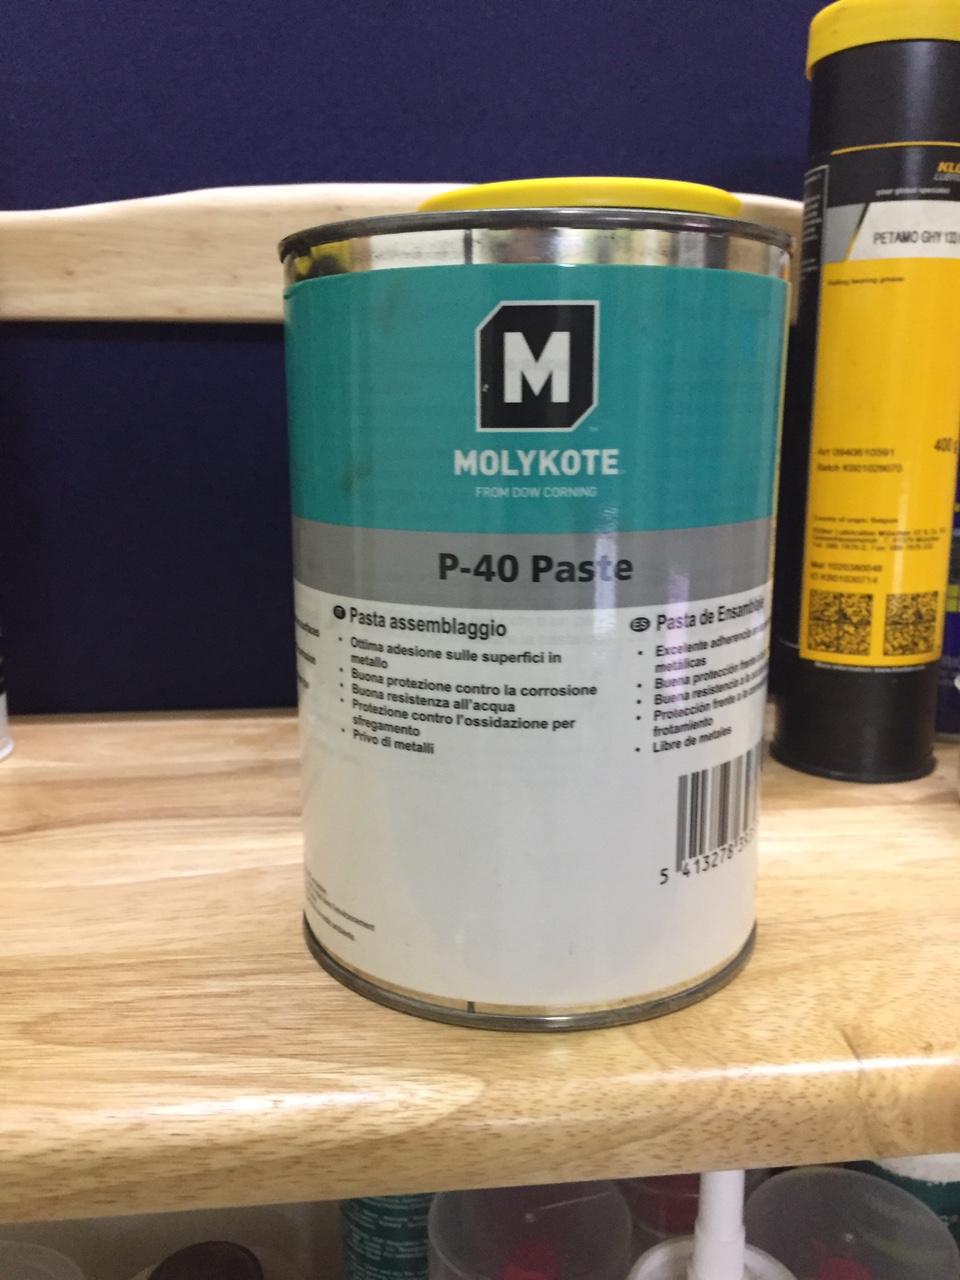 Mỡ bôi trơn Molykote P-40 Paste 1kg